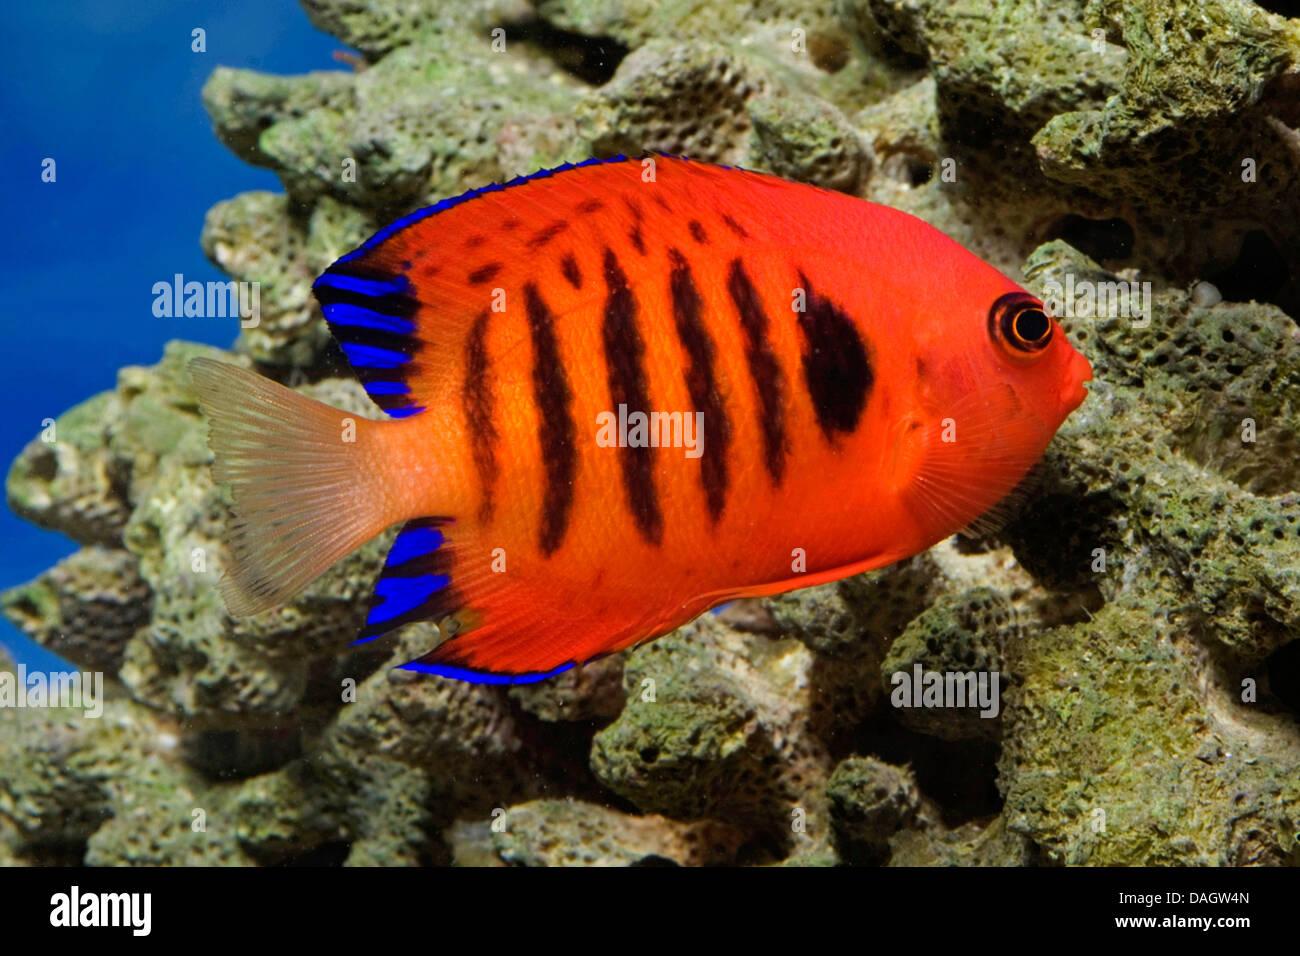 flame angelfish, flame angel fish, flame angel (Centropyge loricula), swimming - Stock Image